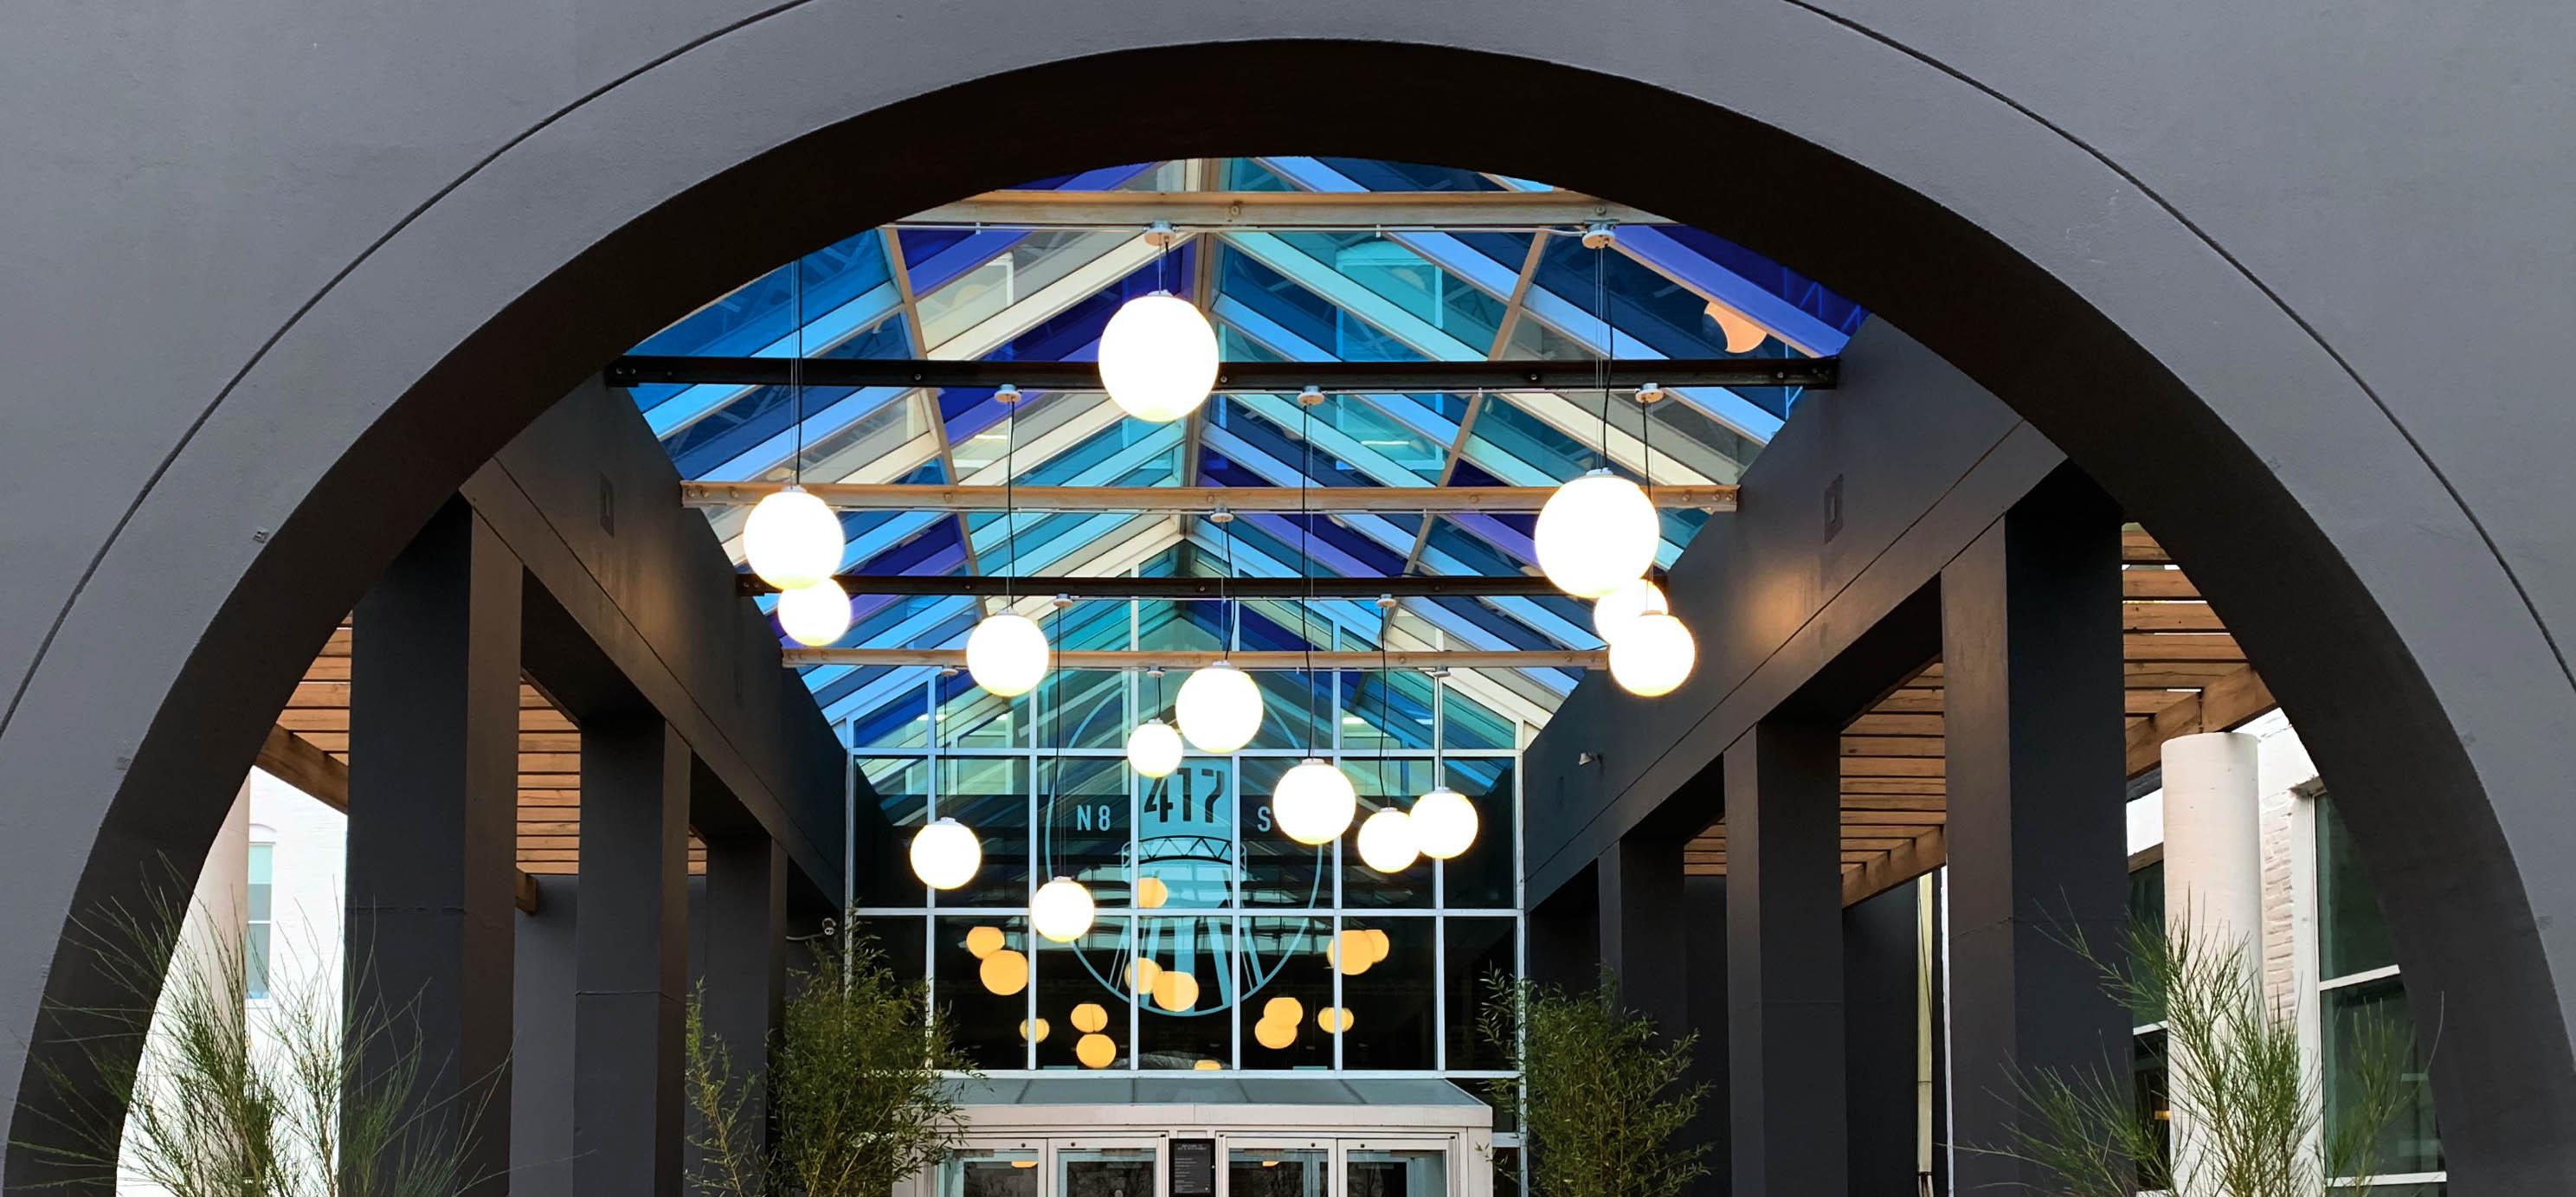 Zume outdoor LED globe pendant light by Visa Lighting